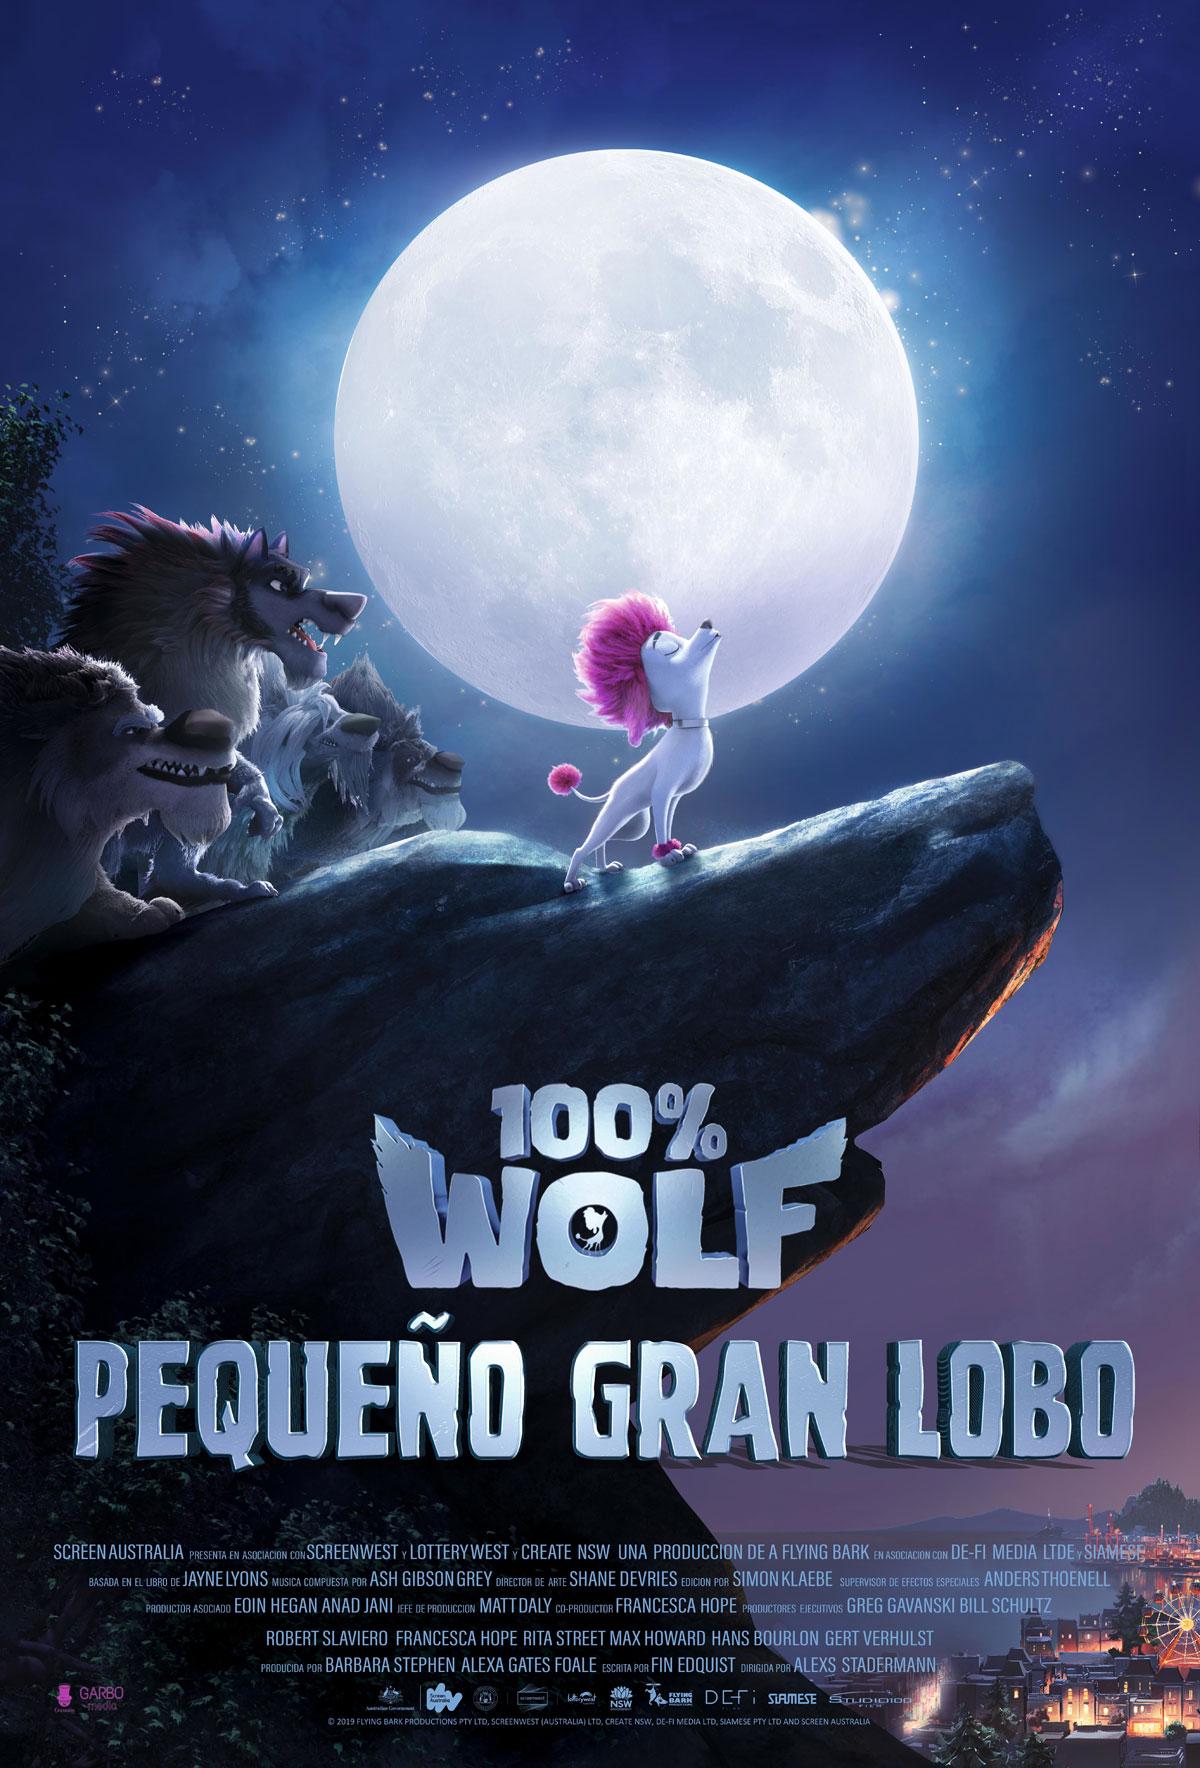 100 Wolf Pequeno Gran Lobo Pelicula 2020 Sensacine Com